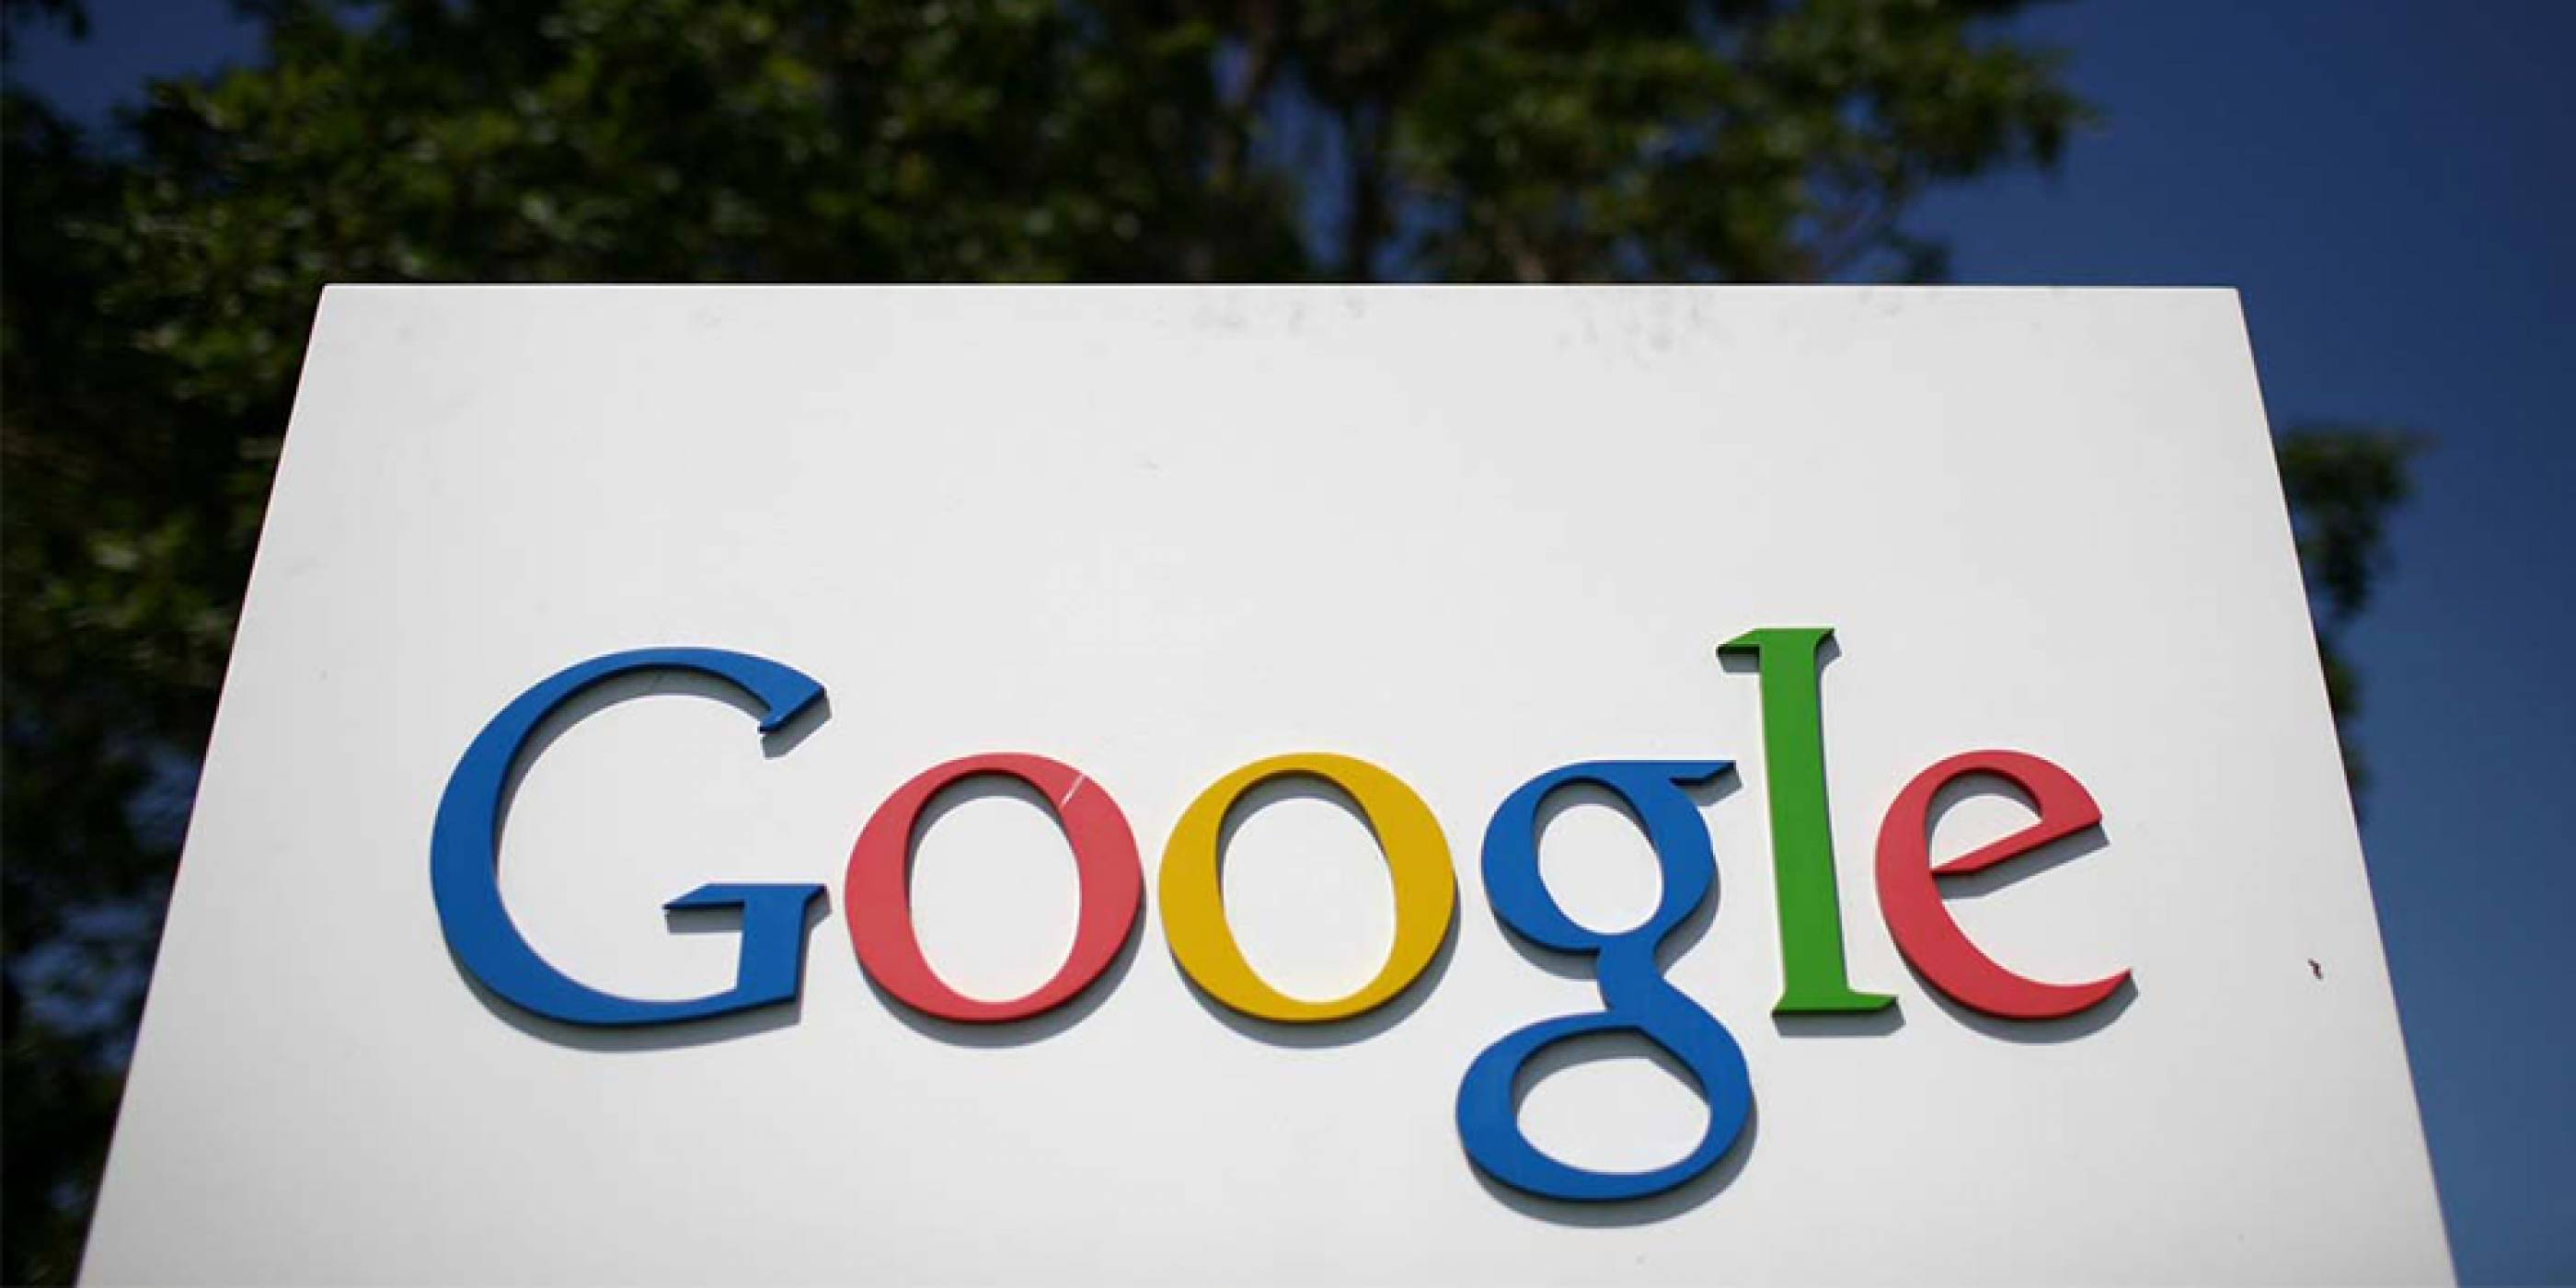 Сагата Google срещу Европейския съюз ще приключи в следващите няколко месеца